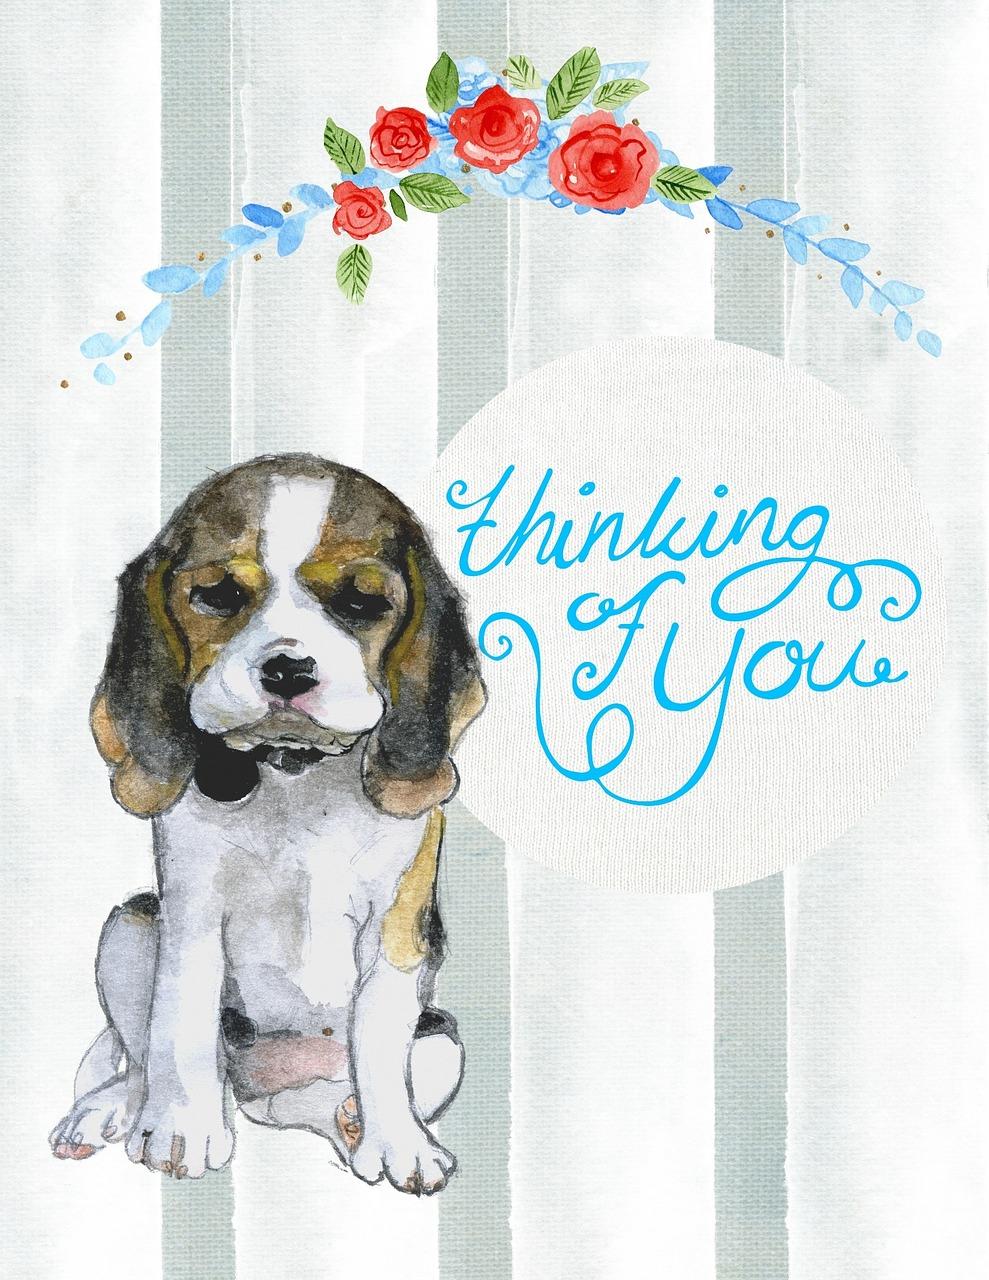 Thinking Of You Puppy Dog - Free photo on Pixabay